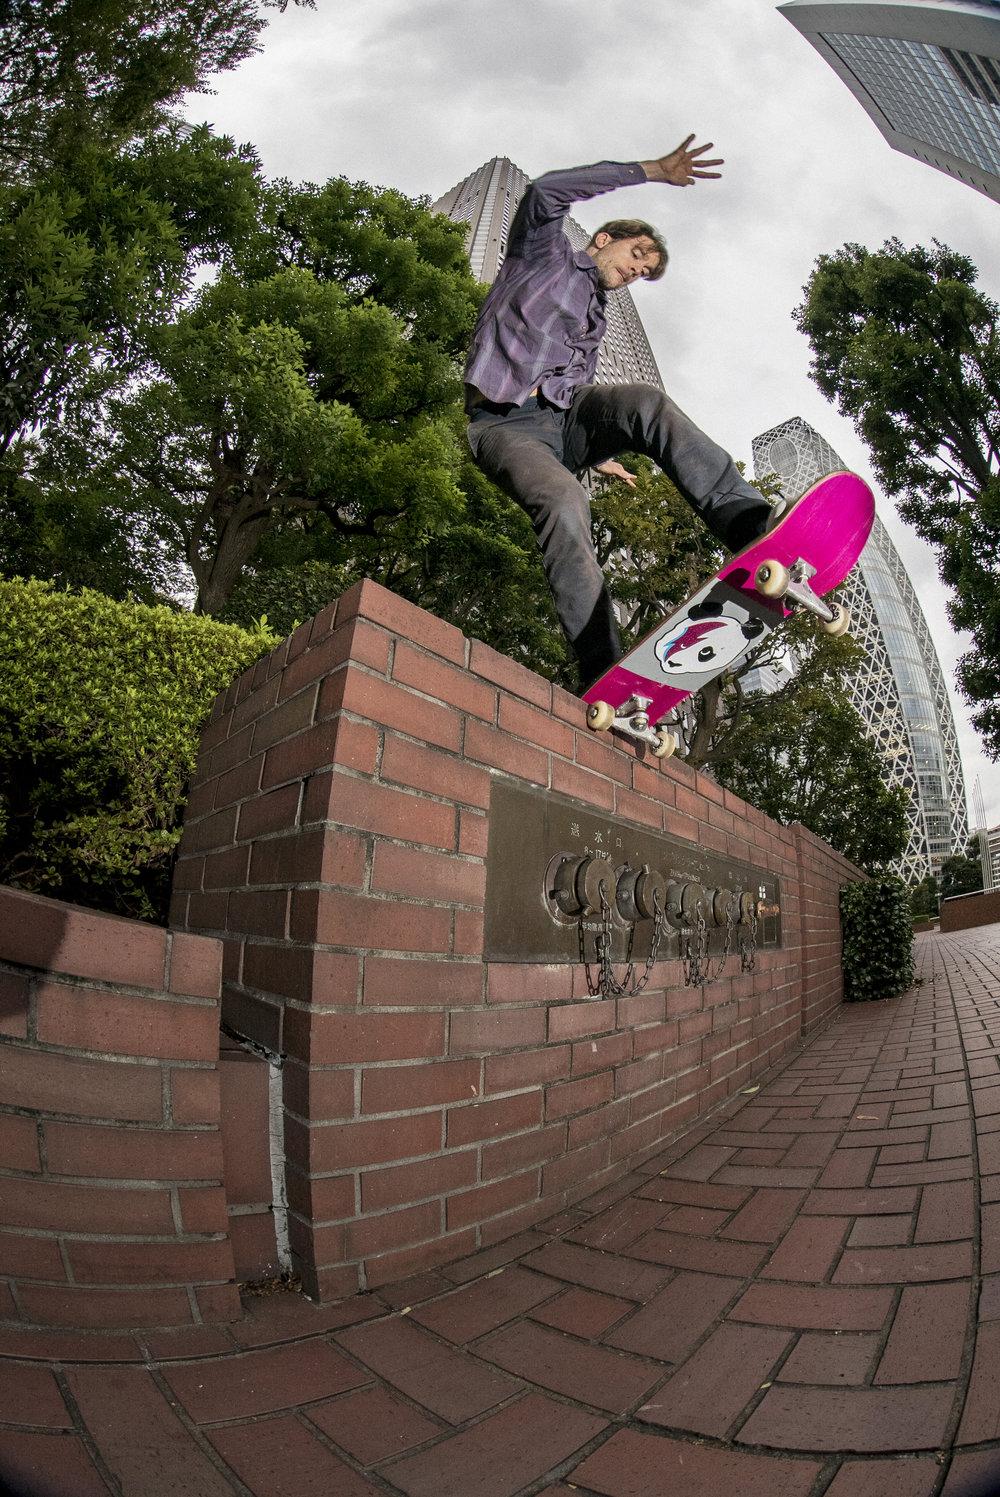 Digital Patrik Wallner 2016 Tokyo Nestor Bs Tail Shove.jpg